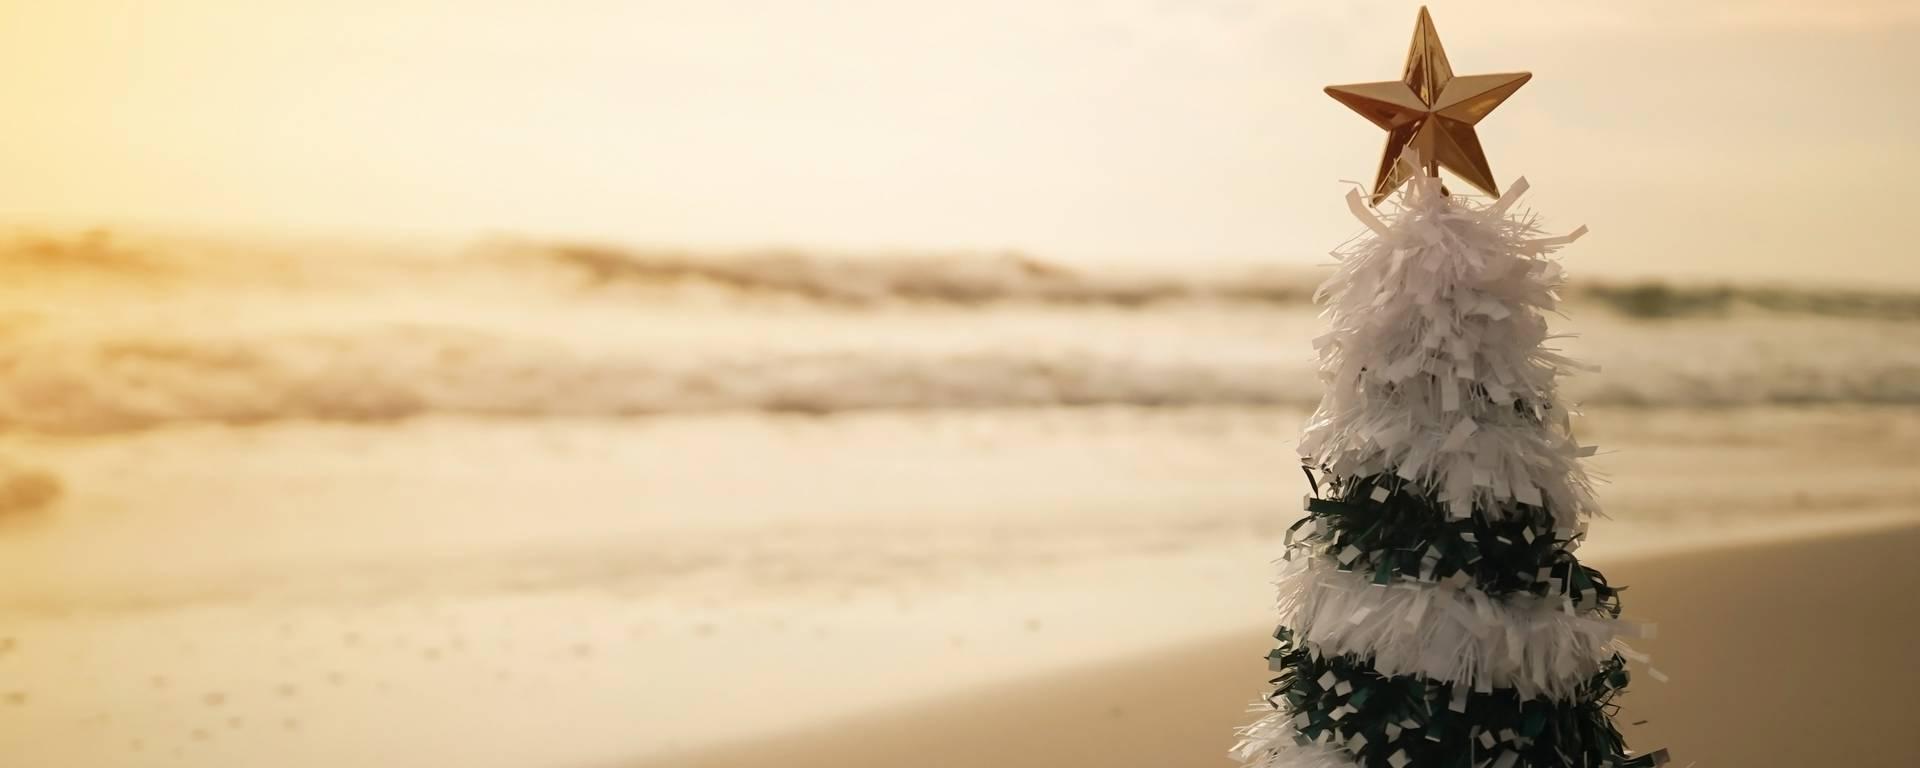 Quelles activitésfaire pour vos vacances de Noël sur l'Ile de Ré (c) pixabay